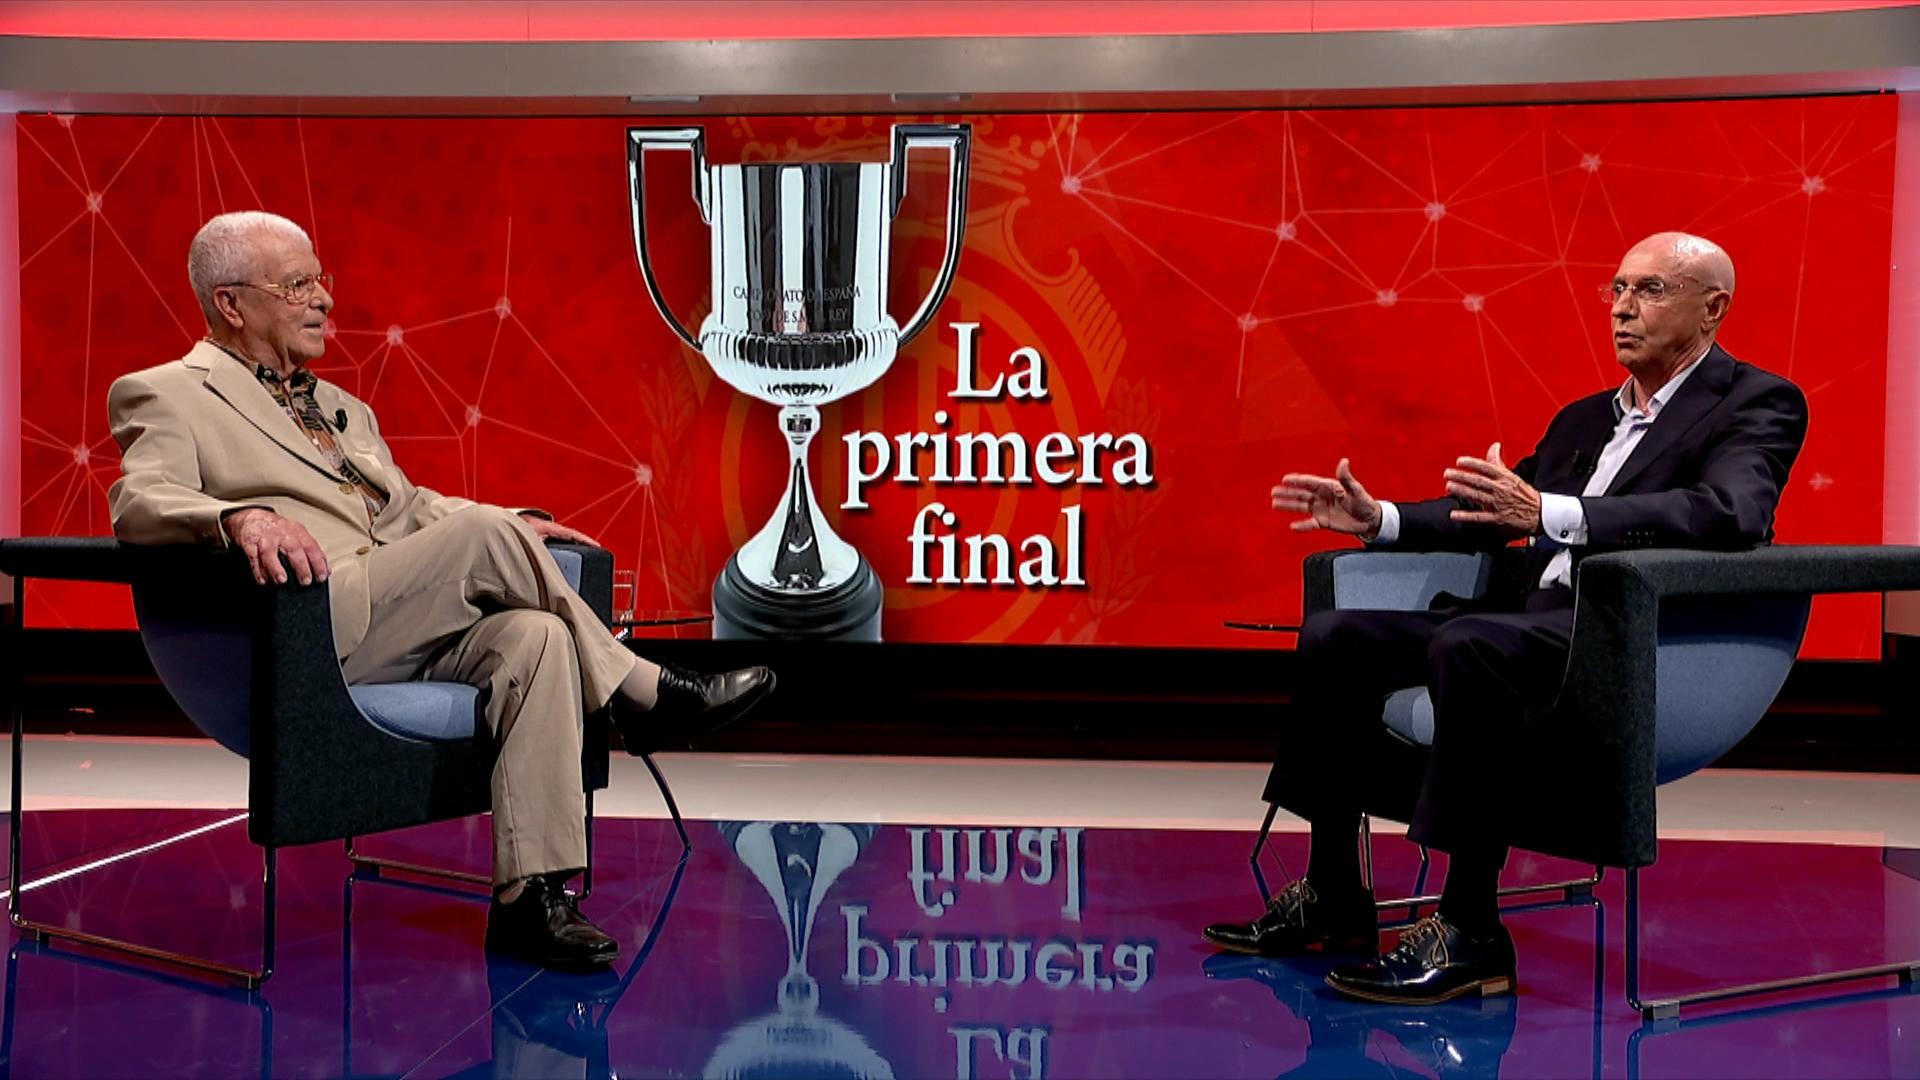 Miquel+Contest%C3%AD+i+Lloren%C3%A7+Serra+Ferrer+reviuen+la+primera+final+de+Copa